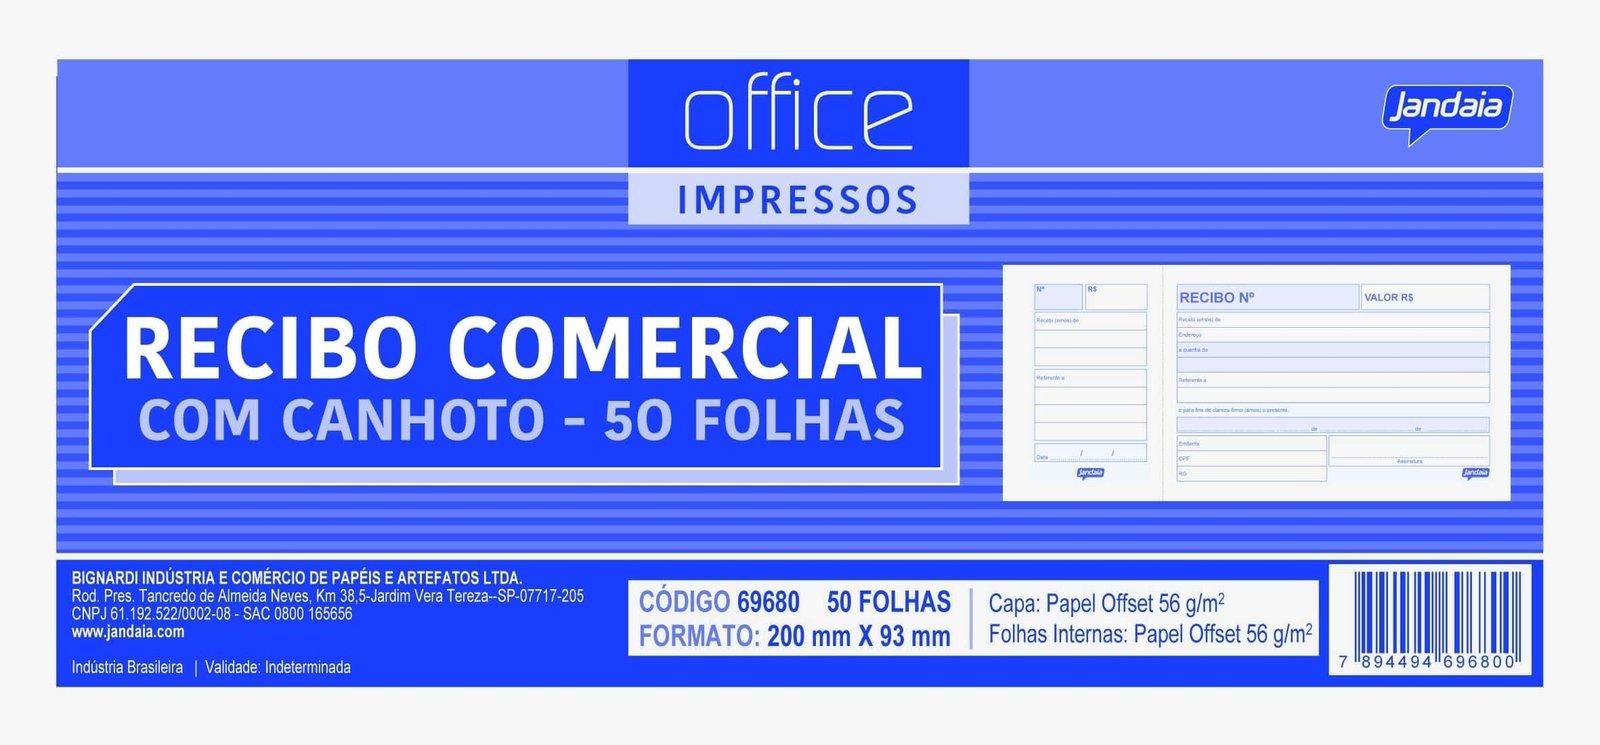 Office impressos - Recibo Comercial - Linha 2022